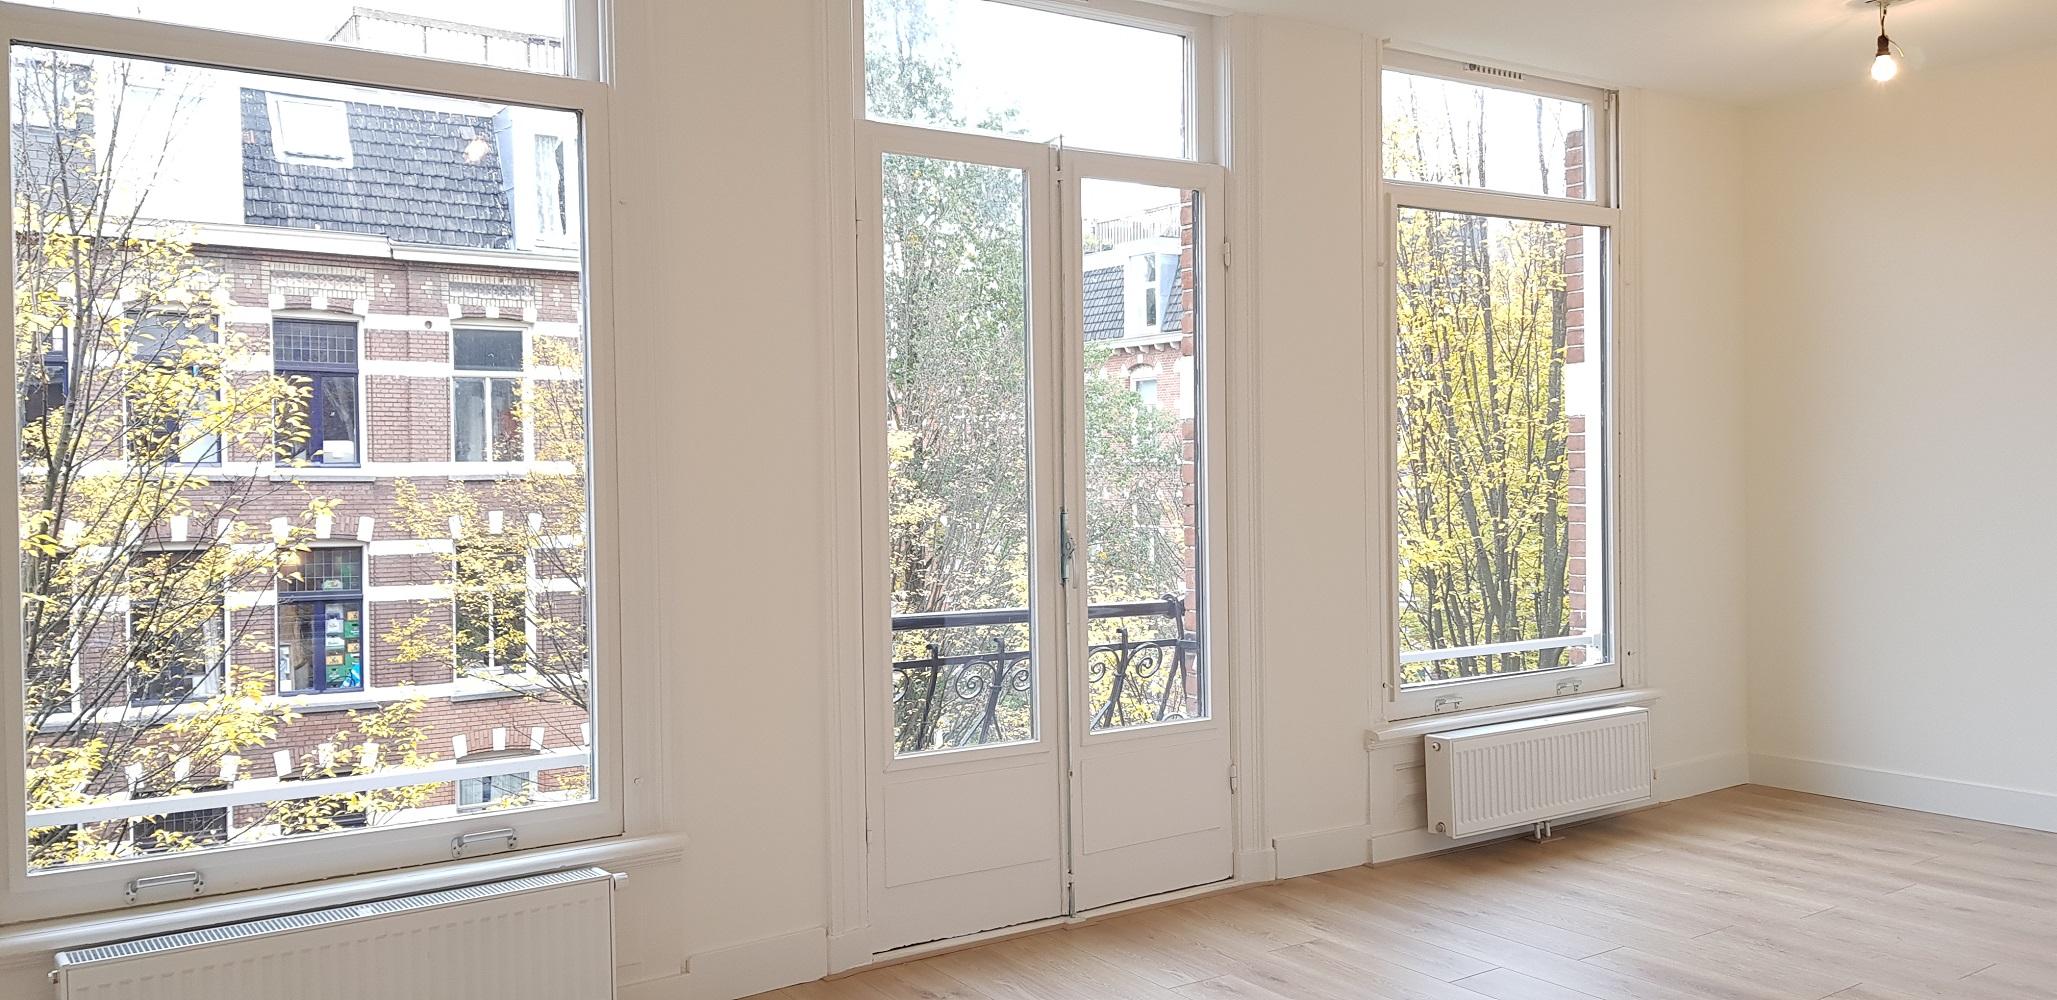 UFA Bouw_Verbouwing_Bosboom Toussaintstraat 31_ramen voor huiskamer schuin